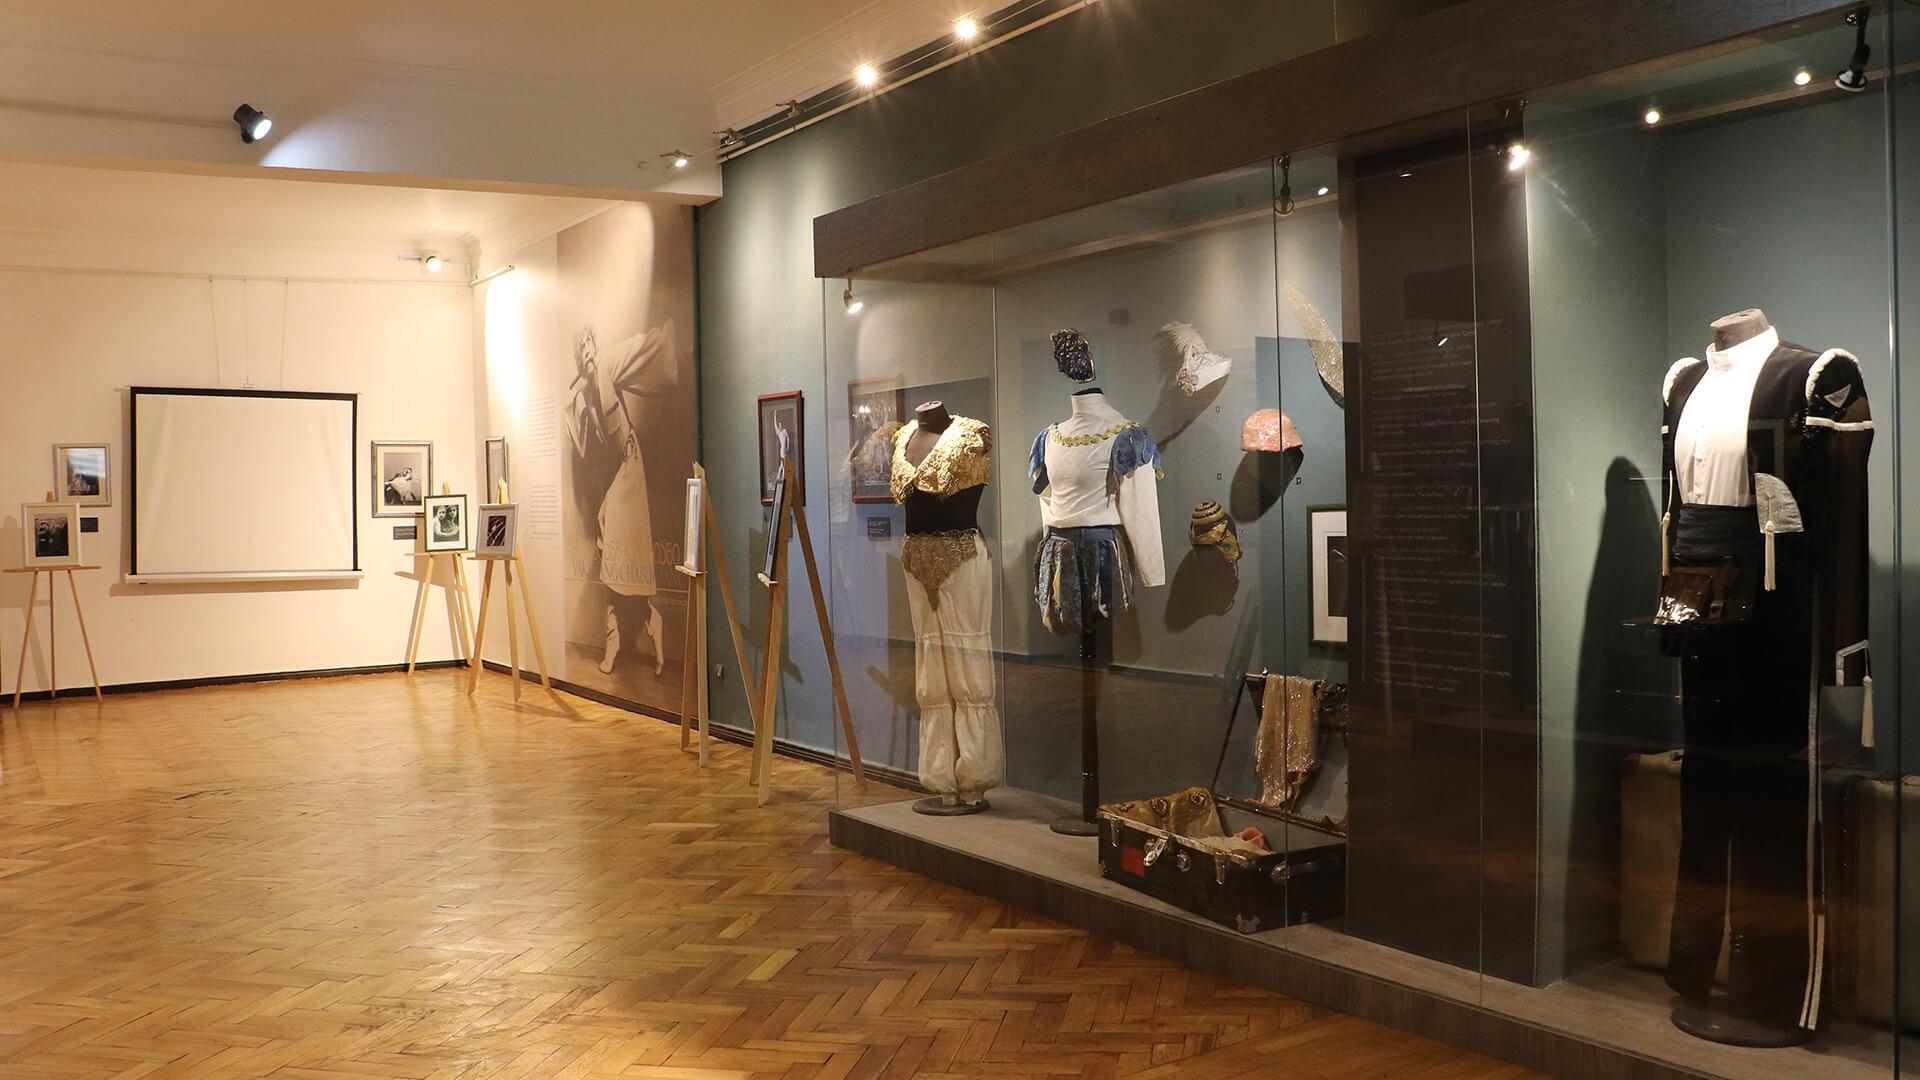 4new - ვახტანგ ჭაბუკიანის მემორიალური ბინა-მუზეუმის განახლებული ექსპოზიცია